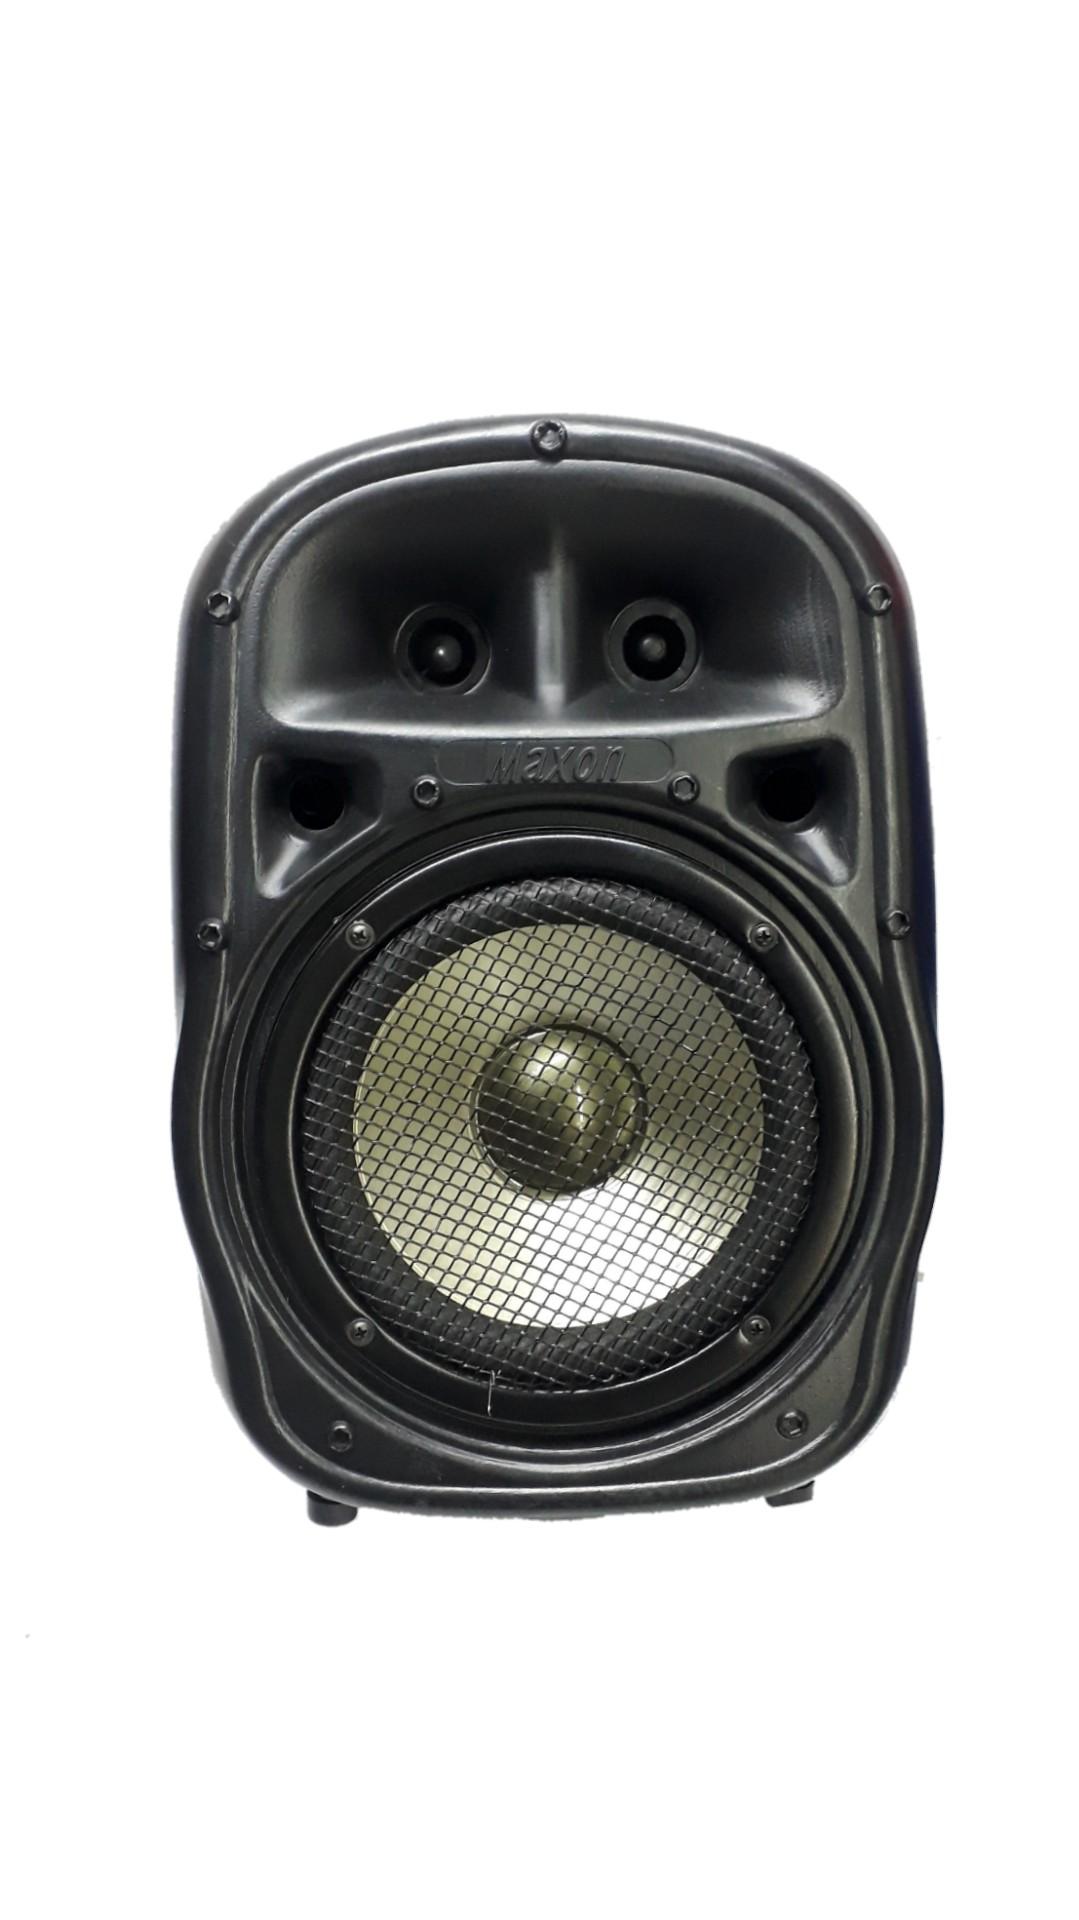 Caixa Acústica Supertech Pe8 Turbinada Falante 8'Dourado Ti.Passiva.124wref